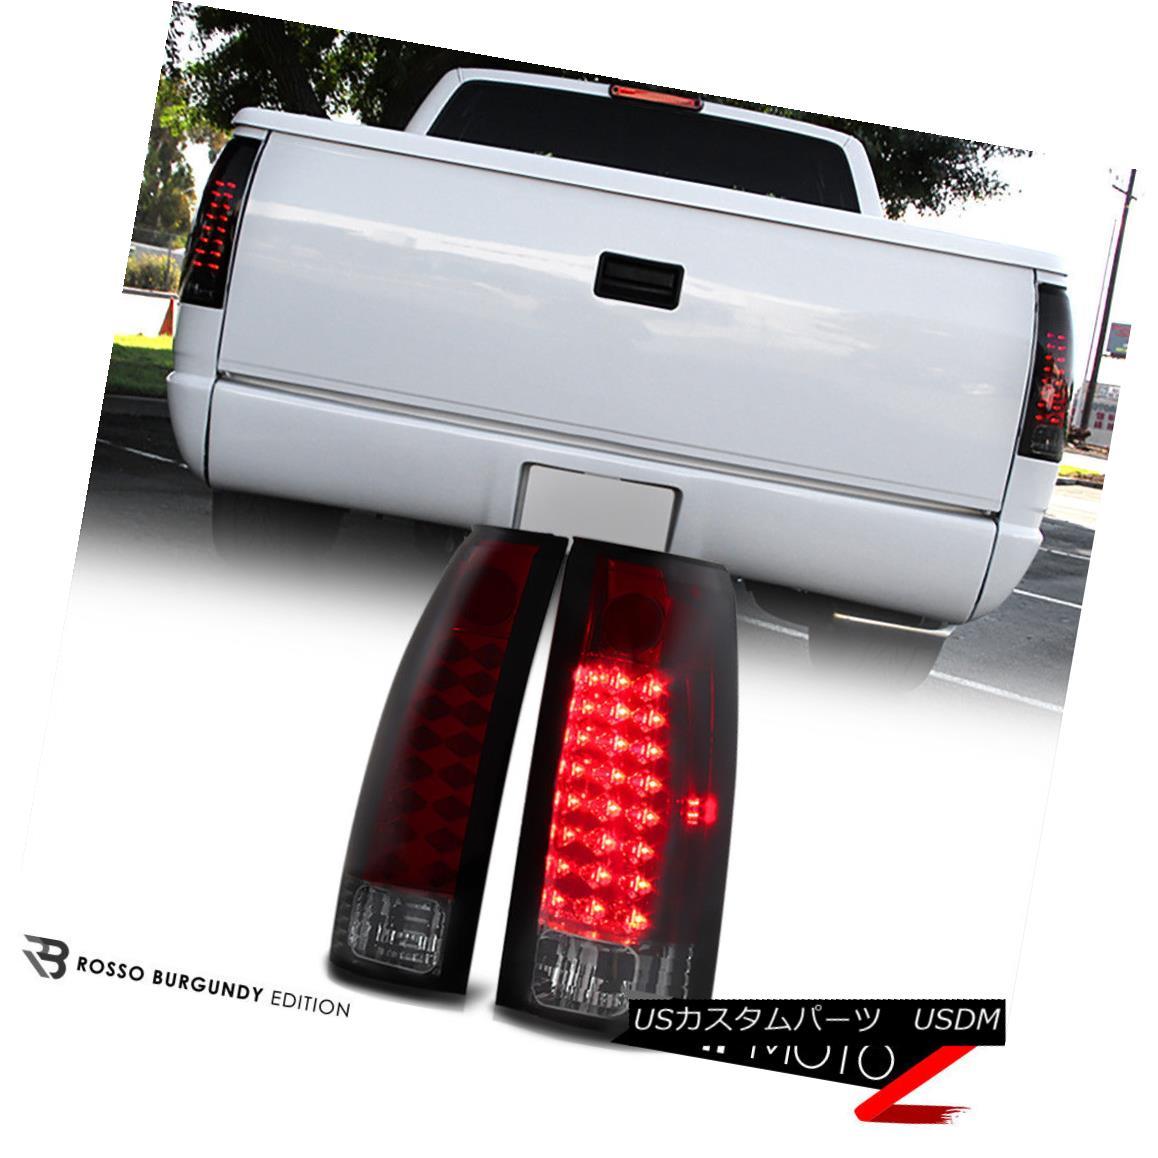 テールライト 1988-1998 Chevy GMC C/K 1500 2500 3500 [CHERRY RED] Smoke LED Tail Lights Lamps 1988-1998 Chevy GMC C / K 1500 2500 3500 [CHERRY RED]スモークLEDテールライトランプ